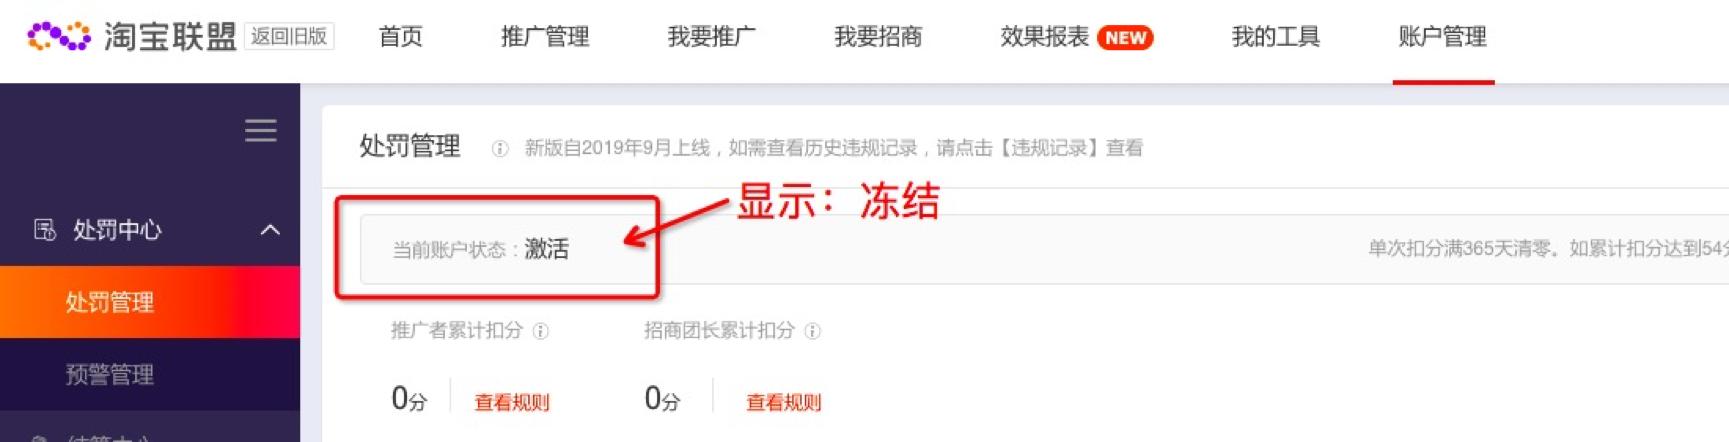 【通知】账号冻结或删除媒体备案收回淘客API